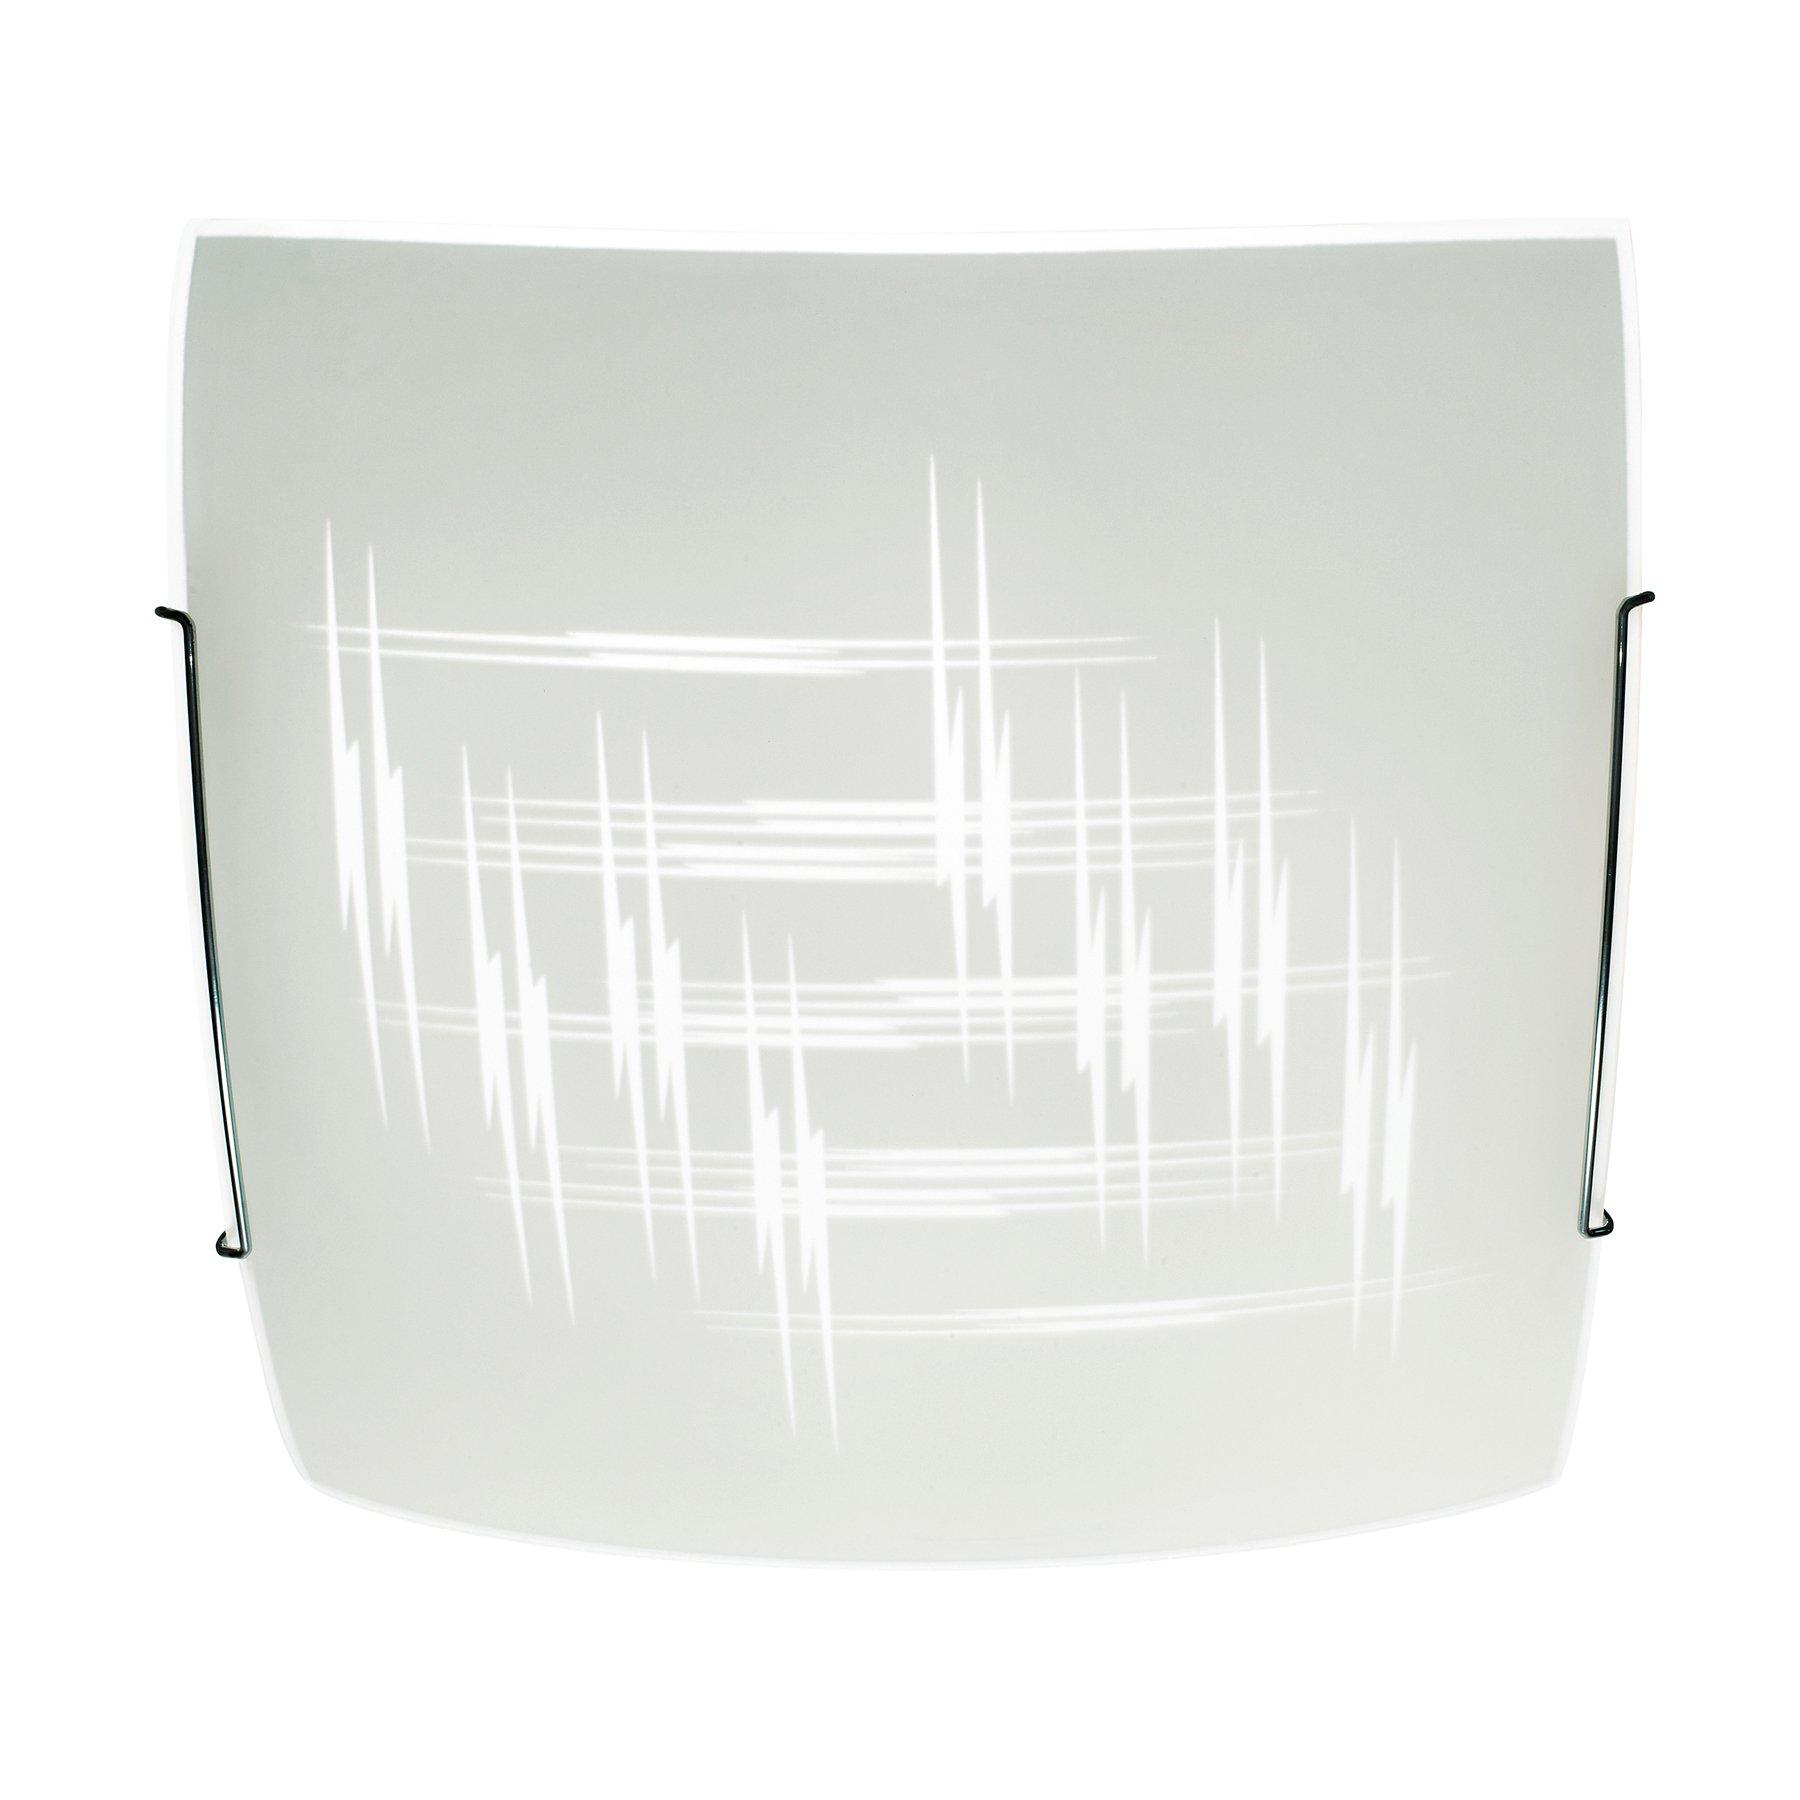 Taklampe Scratch av glass, 40x40cm